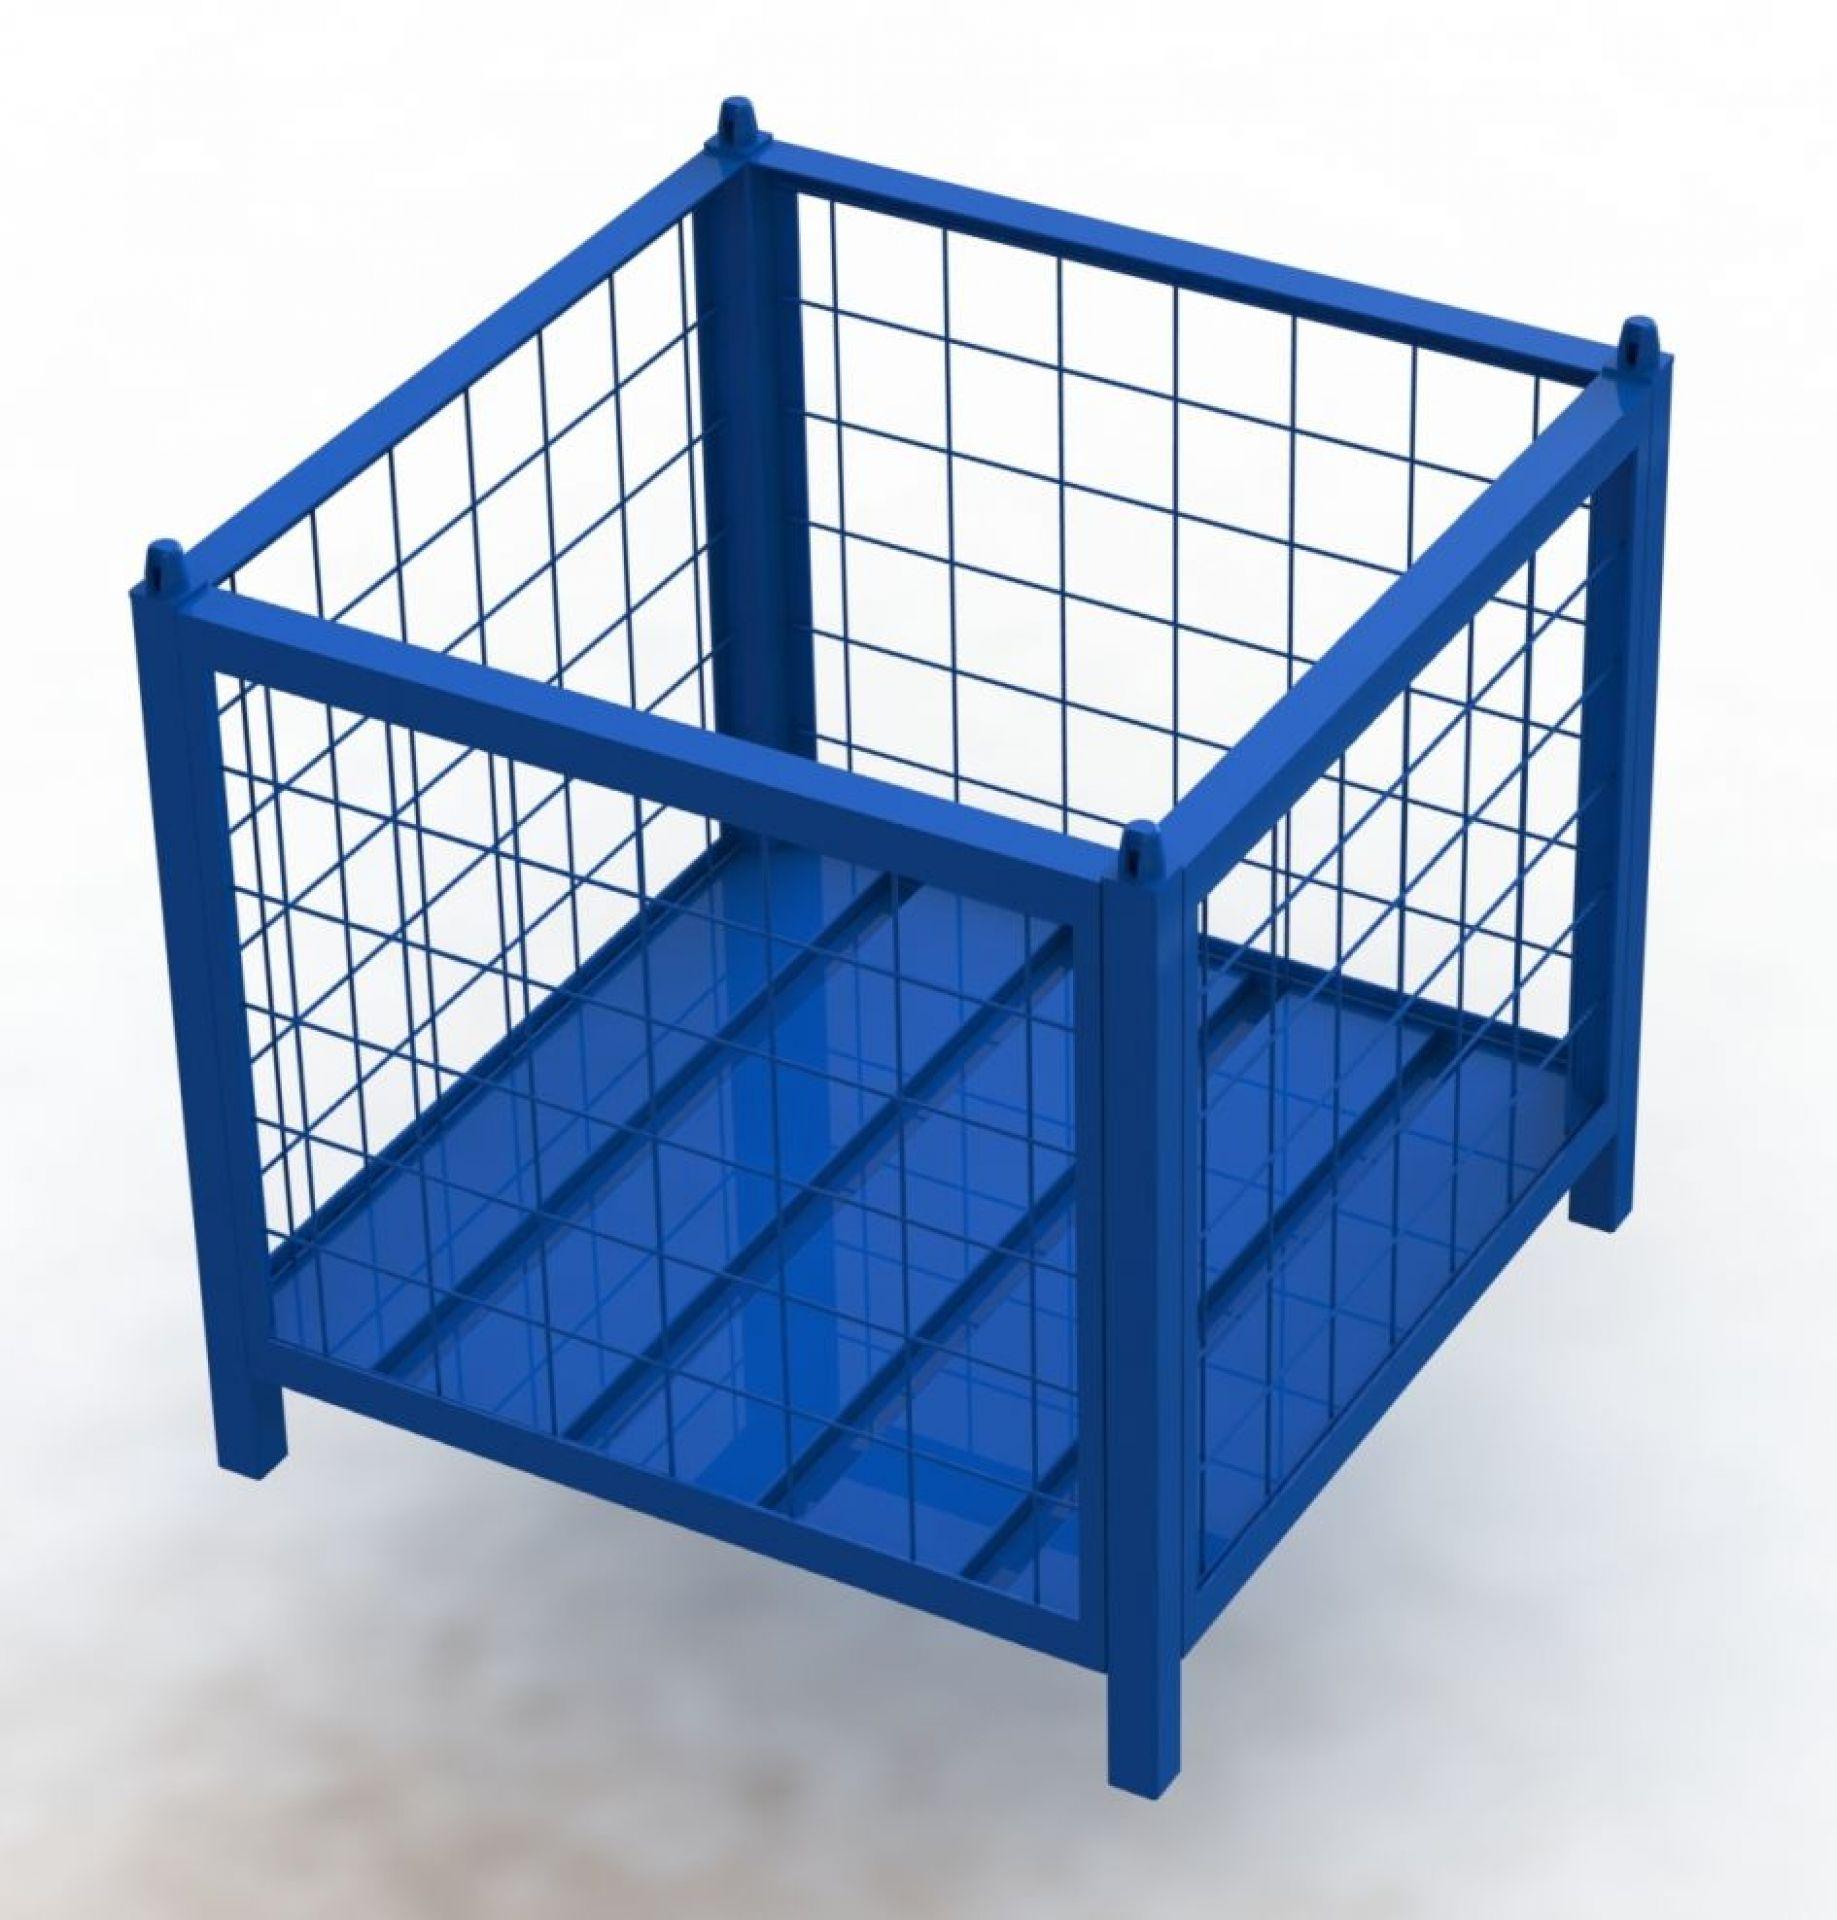 Gitterbehälter für Monitoreinsatz